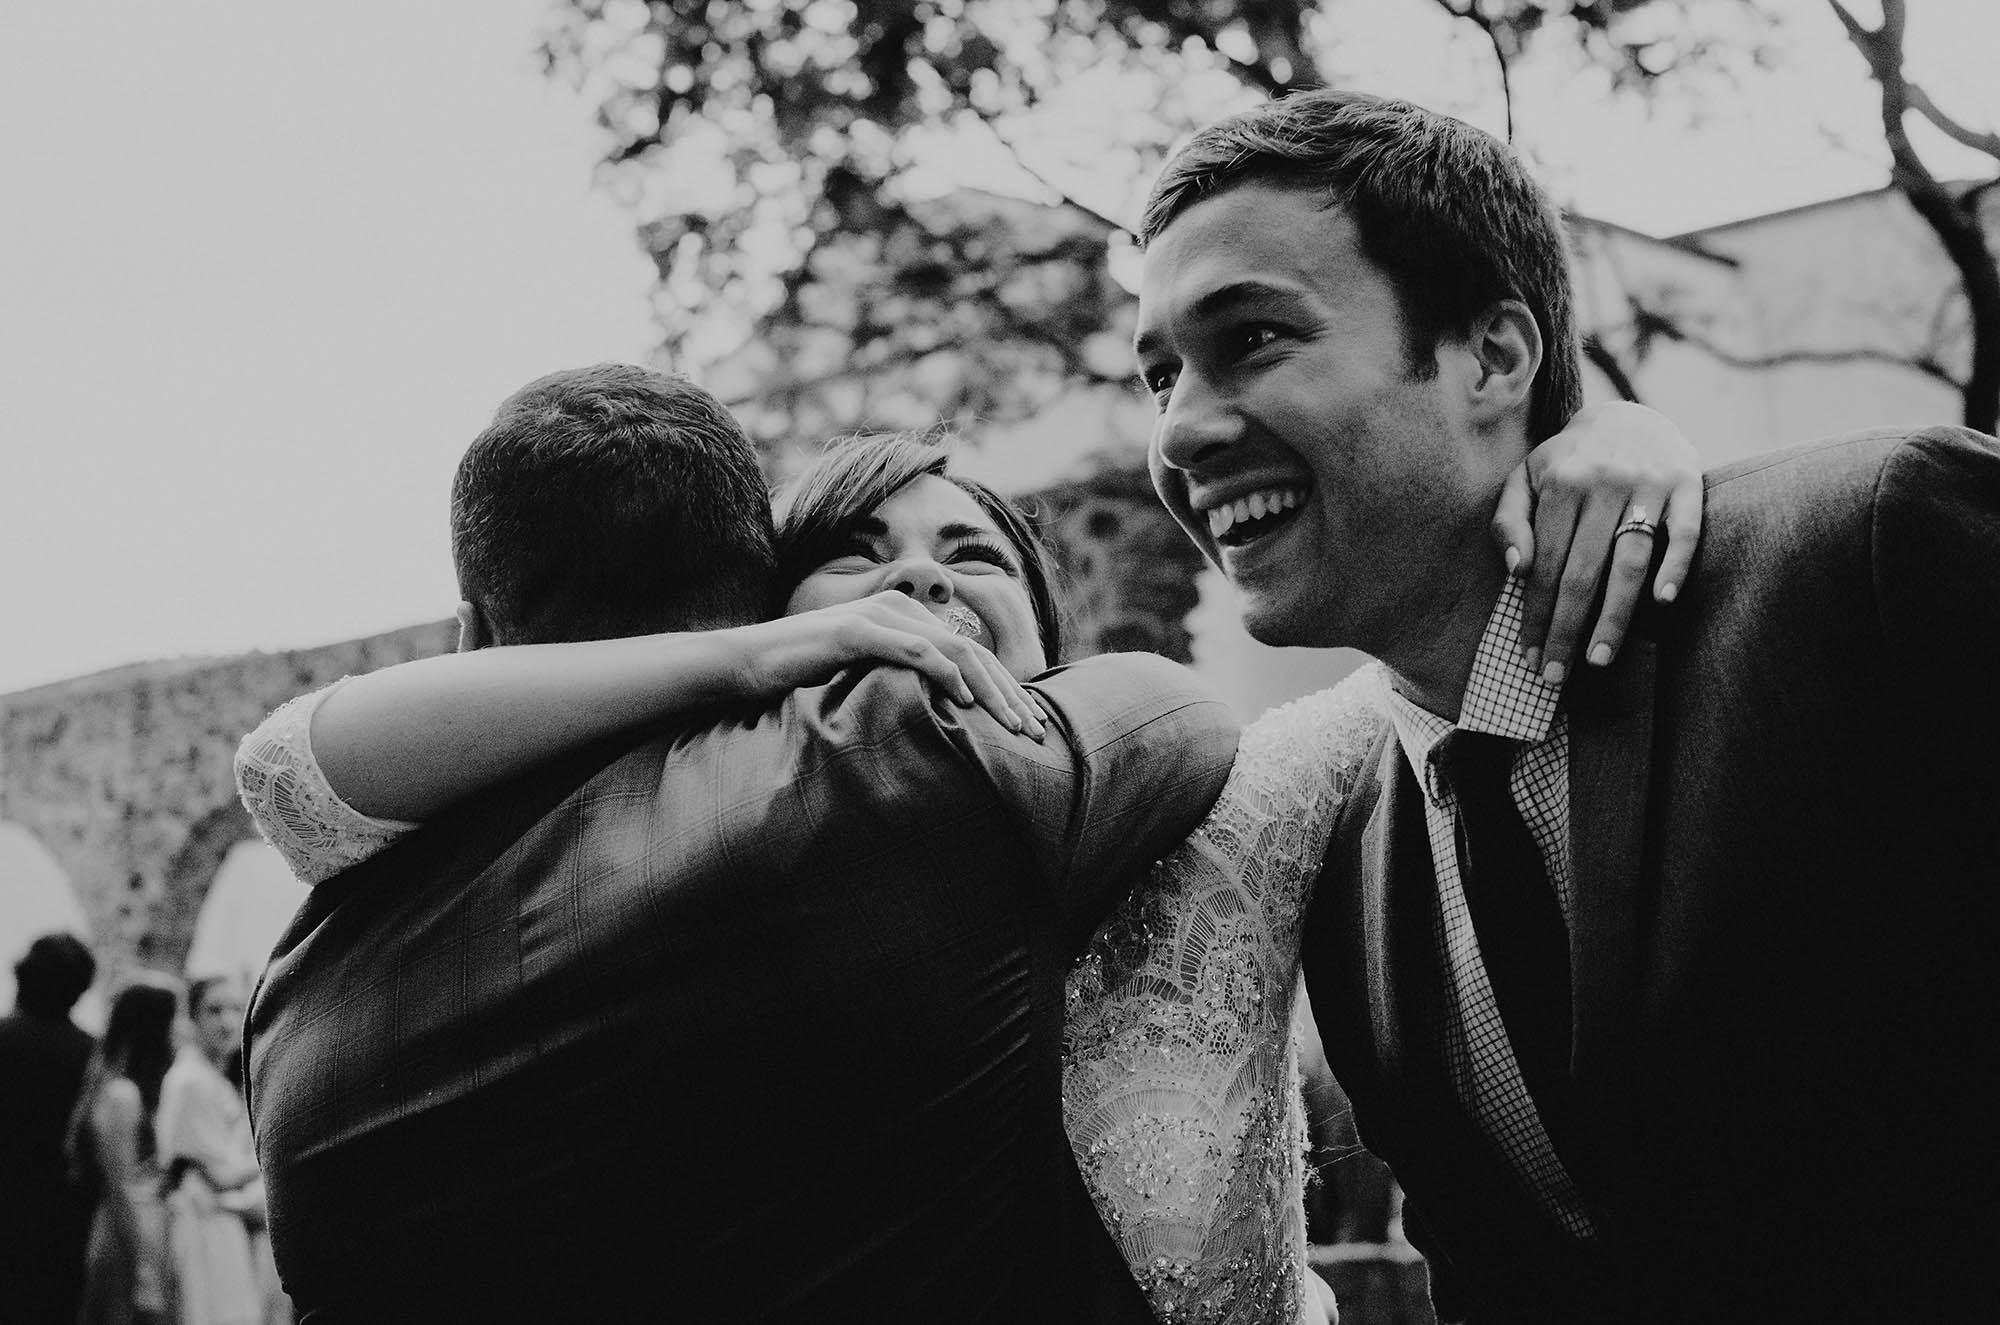 fotografia-de-boda-destino-Jimena-Mañon-Javier-Mere-23.jpg